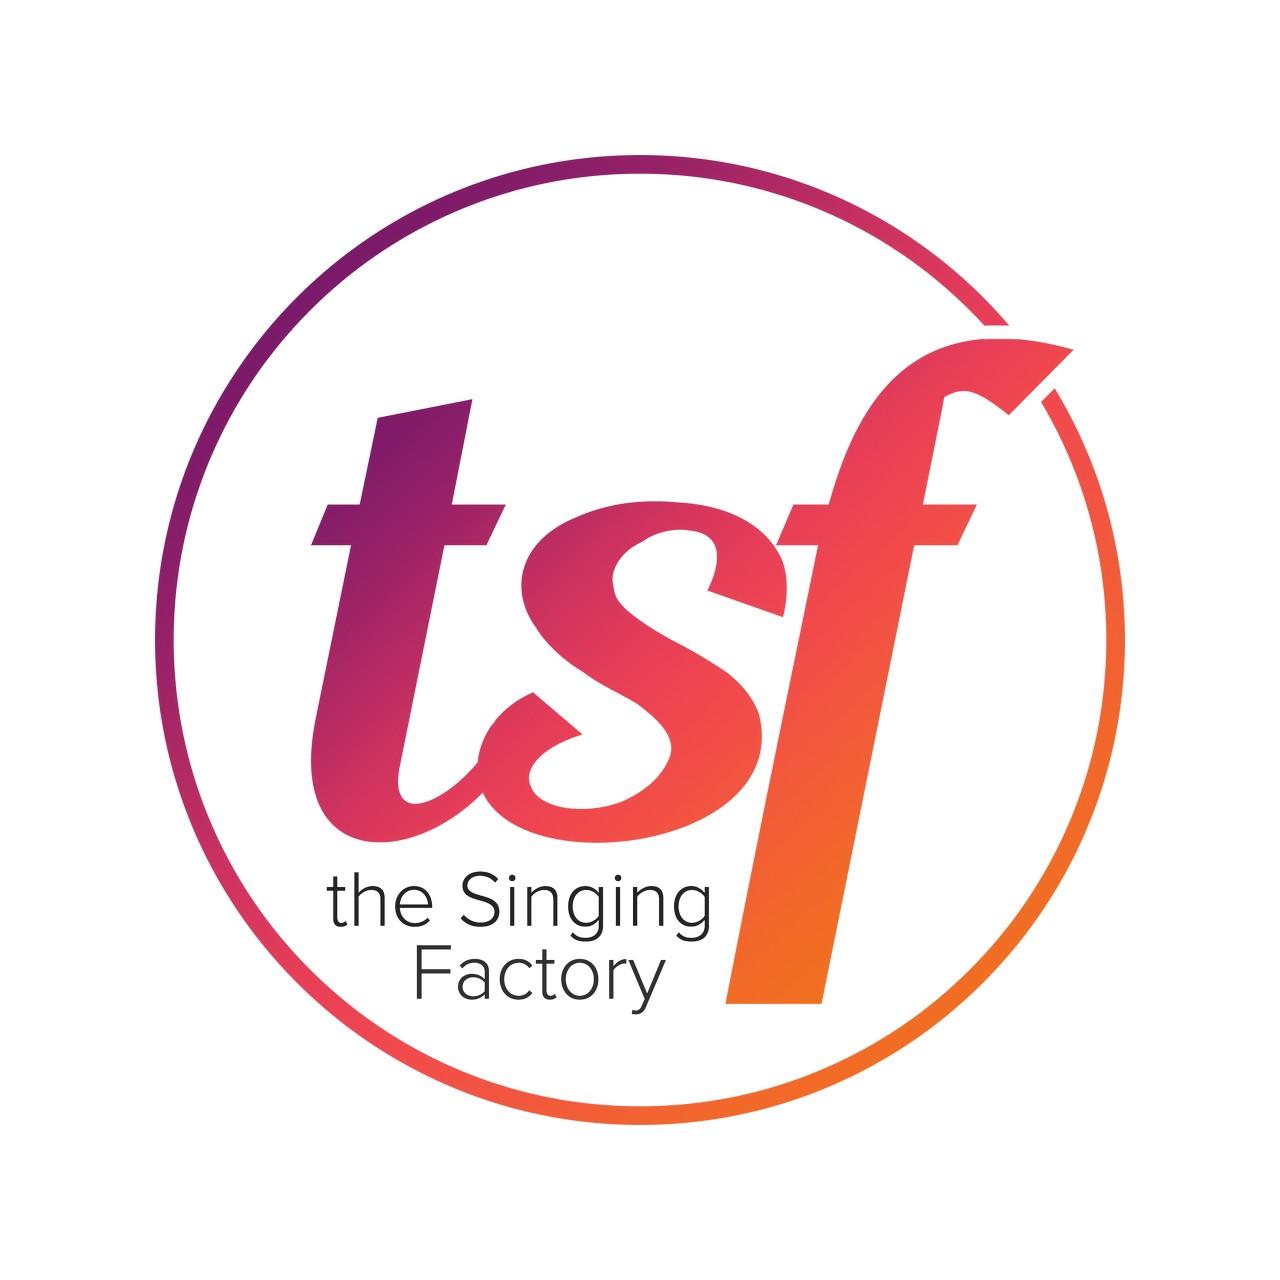 The Singing Factory geeft jonge talenten de kans in June Foster - Logo The Singing Factory